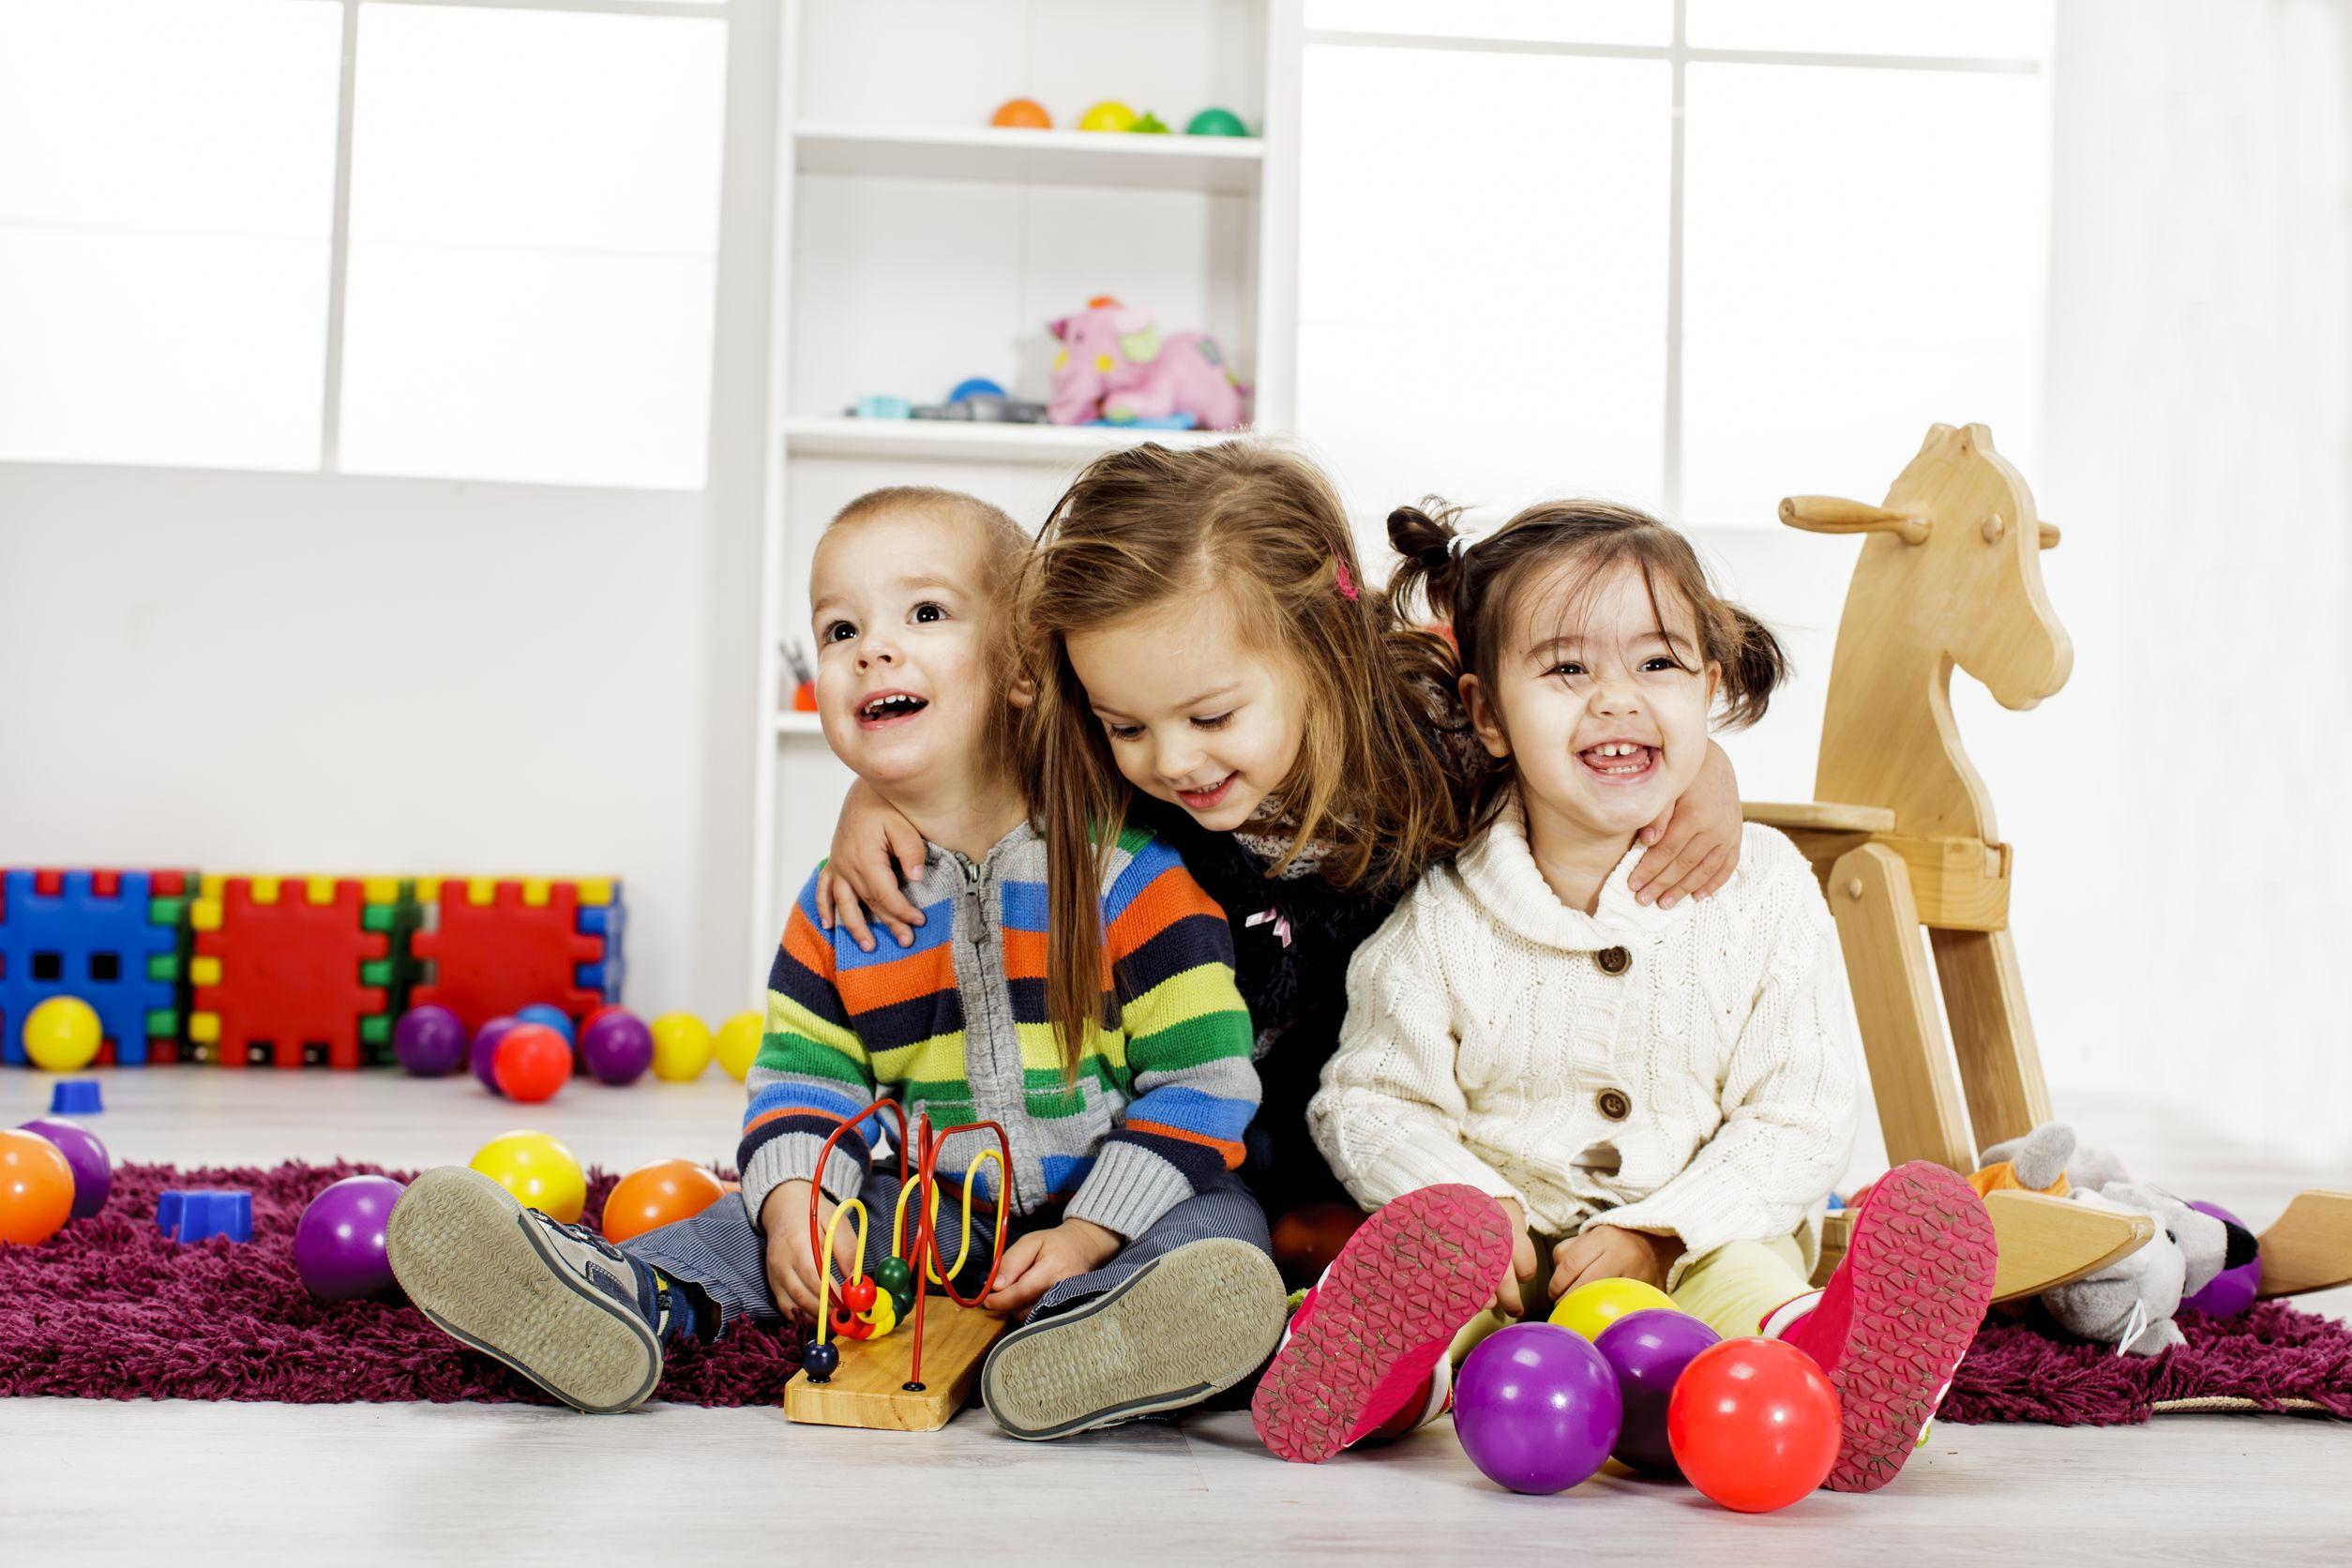 Giocattoli per bambini di 2 anni: i migliori prodotti (09/21)